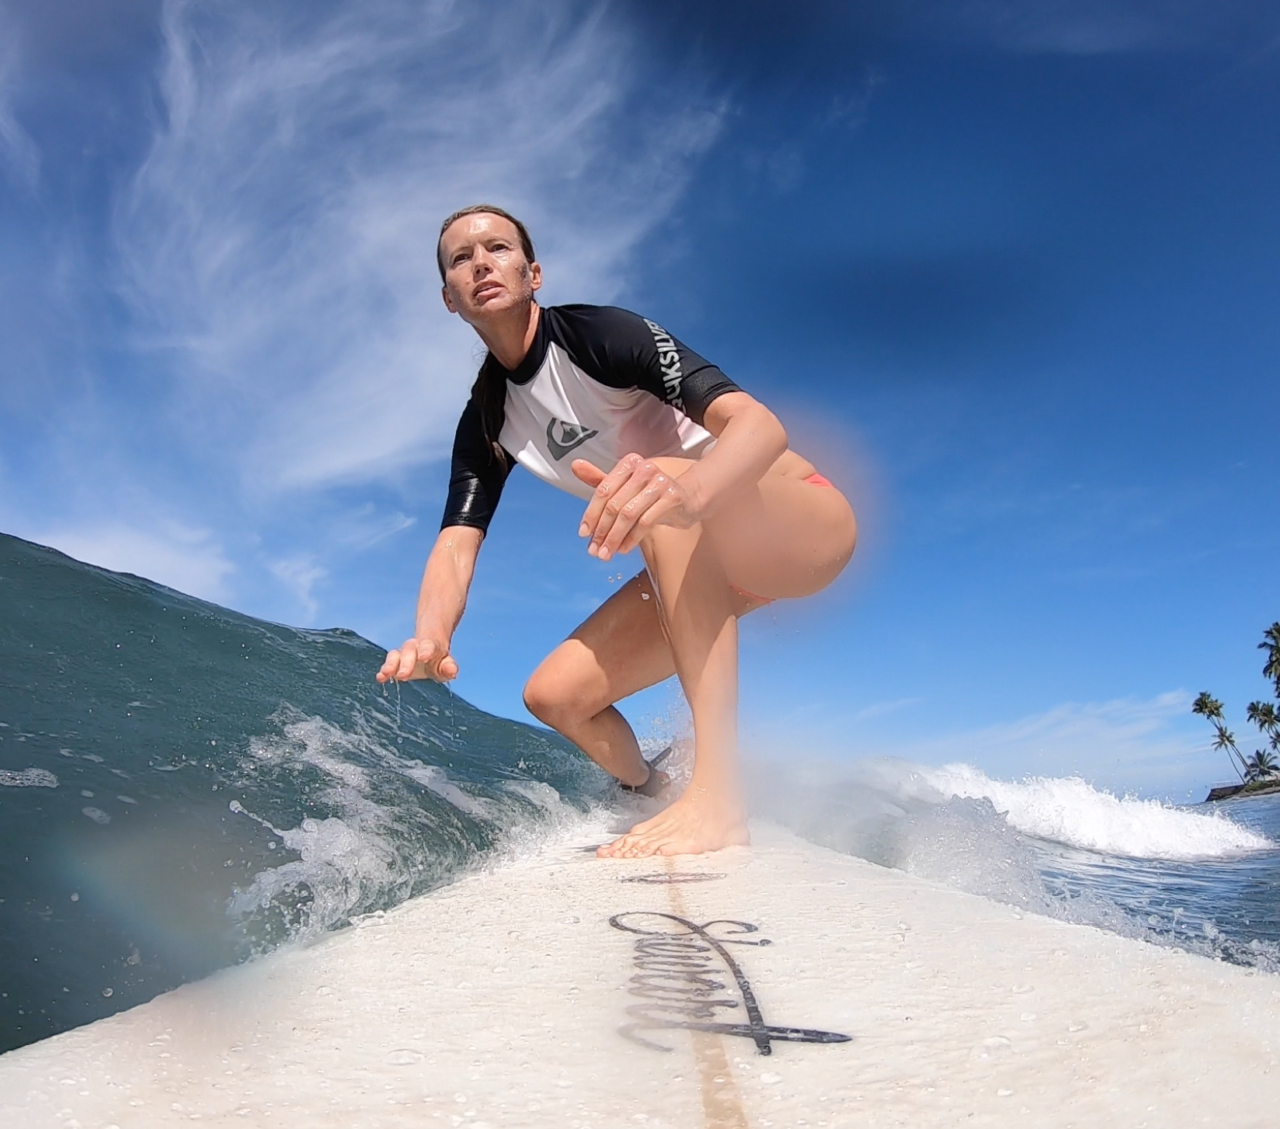 anniken-binz-surfing-kvinnelig-surfer-sterk-kropp